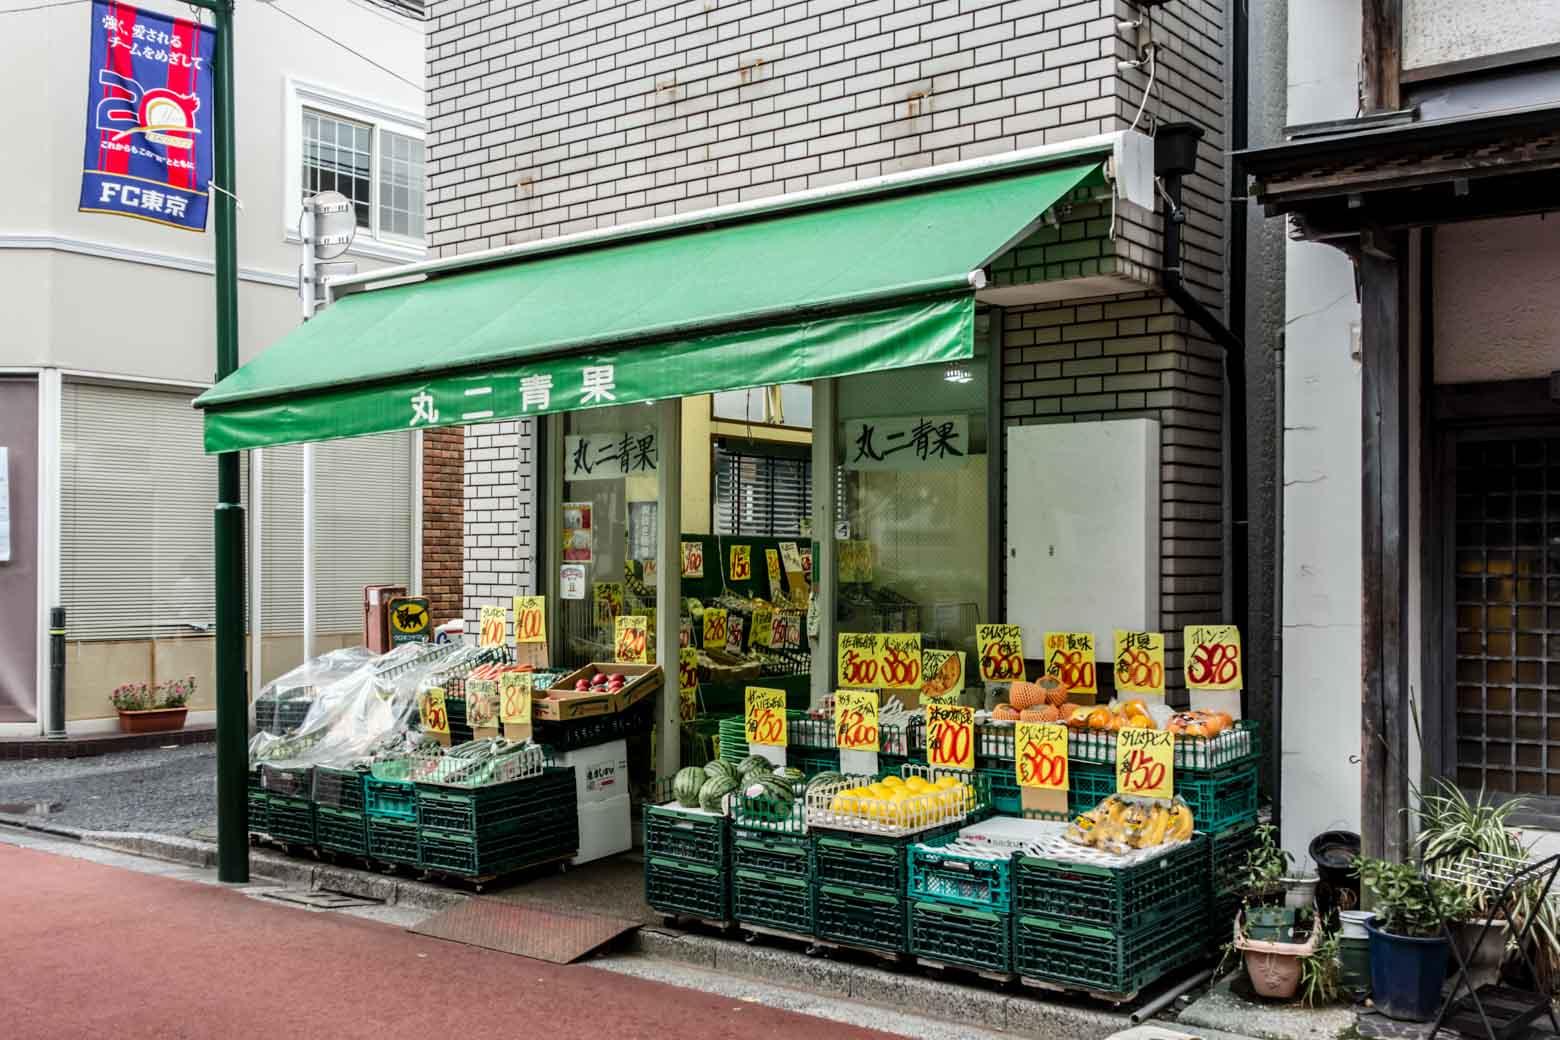 もうひとつ青果店を発見。ちなみに、西東京市は面積の約10%が田畑と、農業が非常に盛んな地域。そのおかげで、地場産の野菜を安く買い求めることができます。